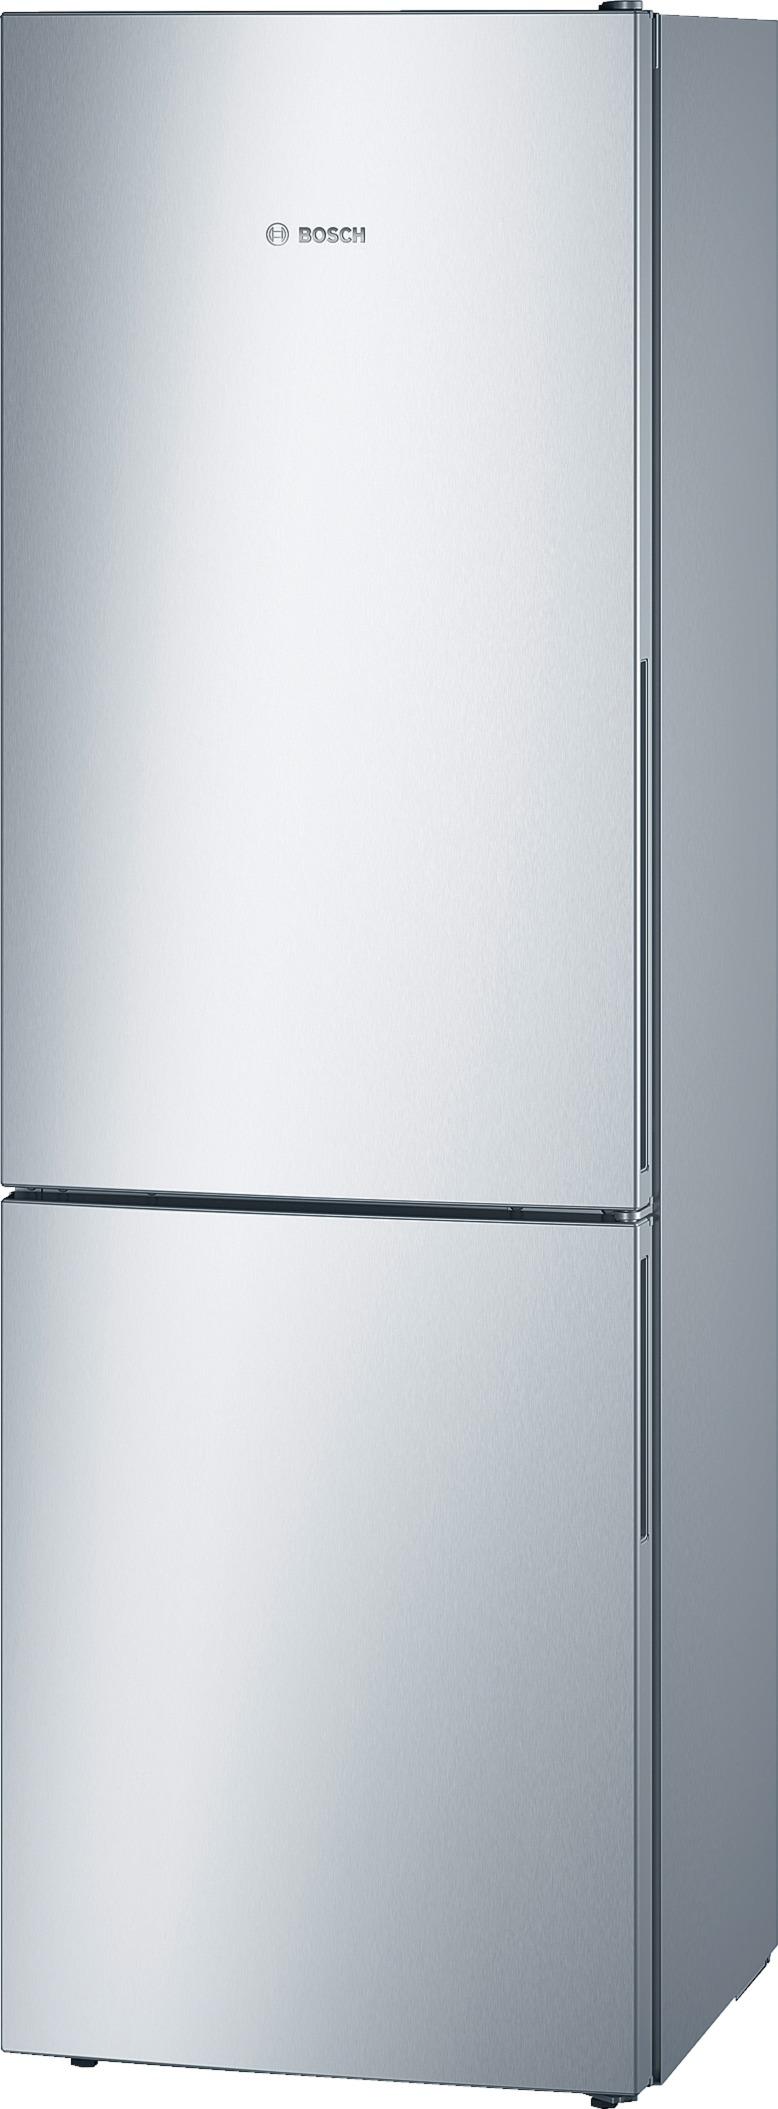 Inredning diskmaskin bosch : Bosch kylsk̴p och kyl/frys KGV36VI32 - Noga Utvalt РPressade priser